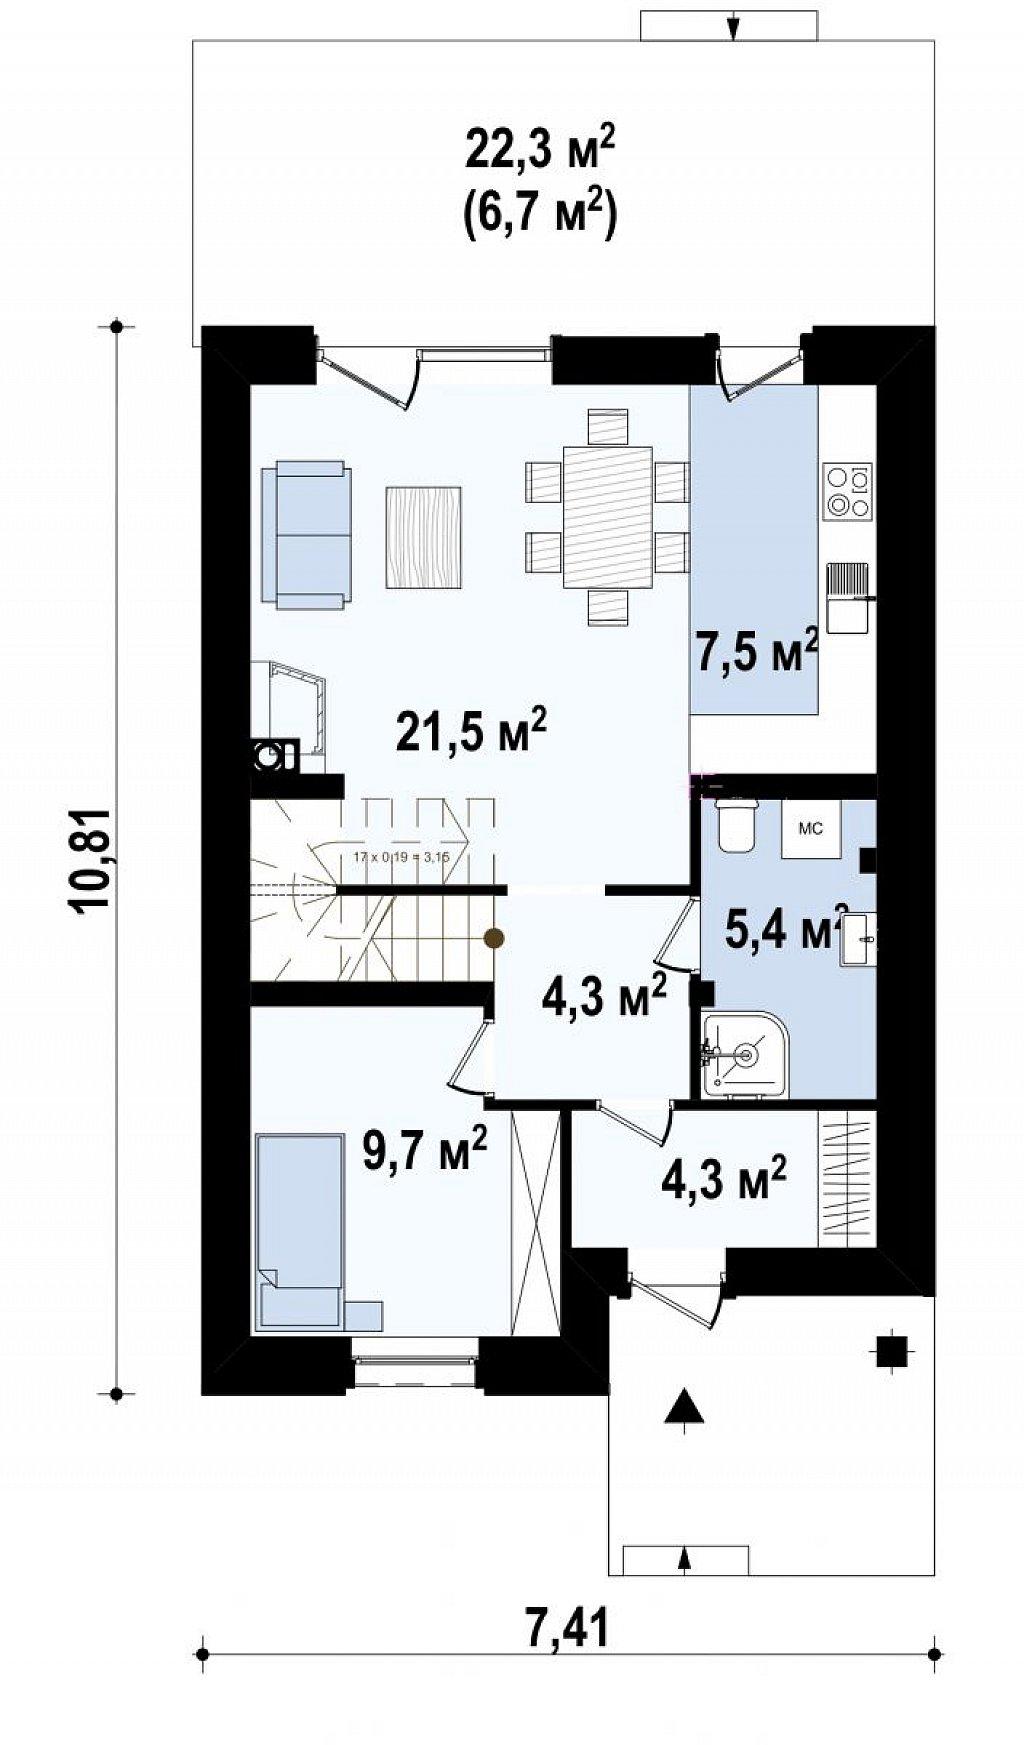 Новый вариант проекта Z38 - уютного двухэтажного дома. план помещений 1